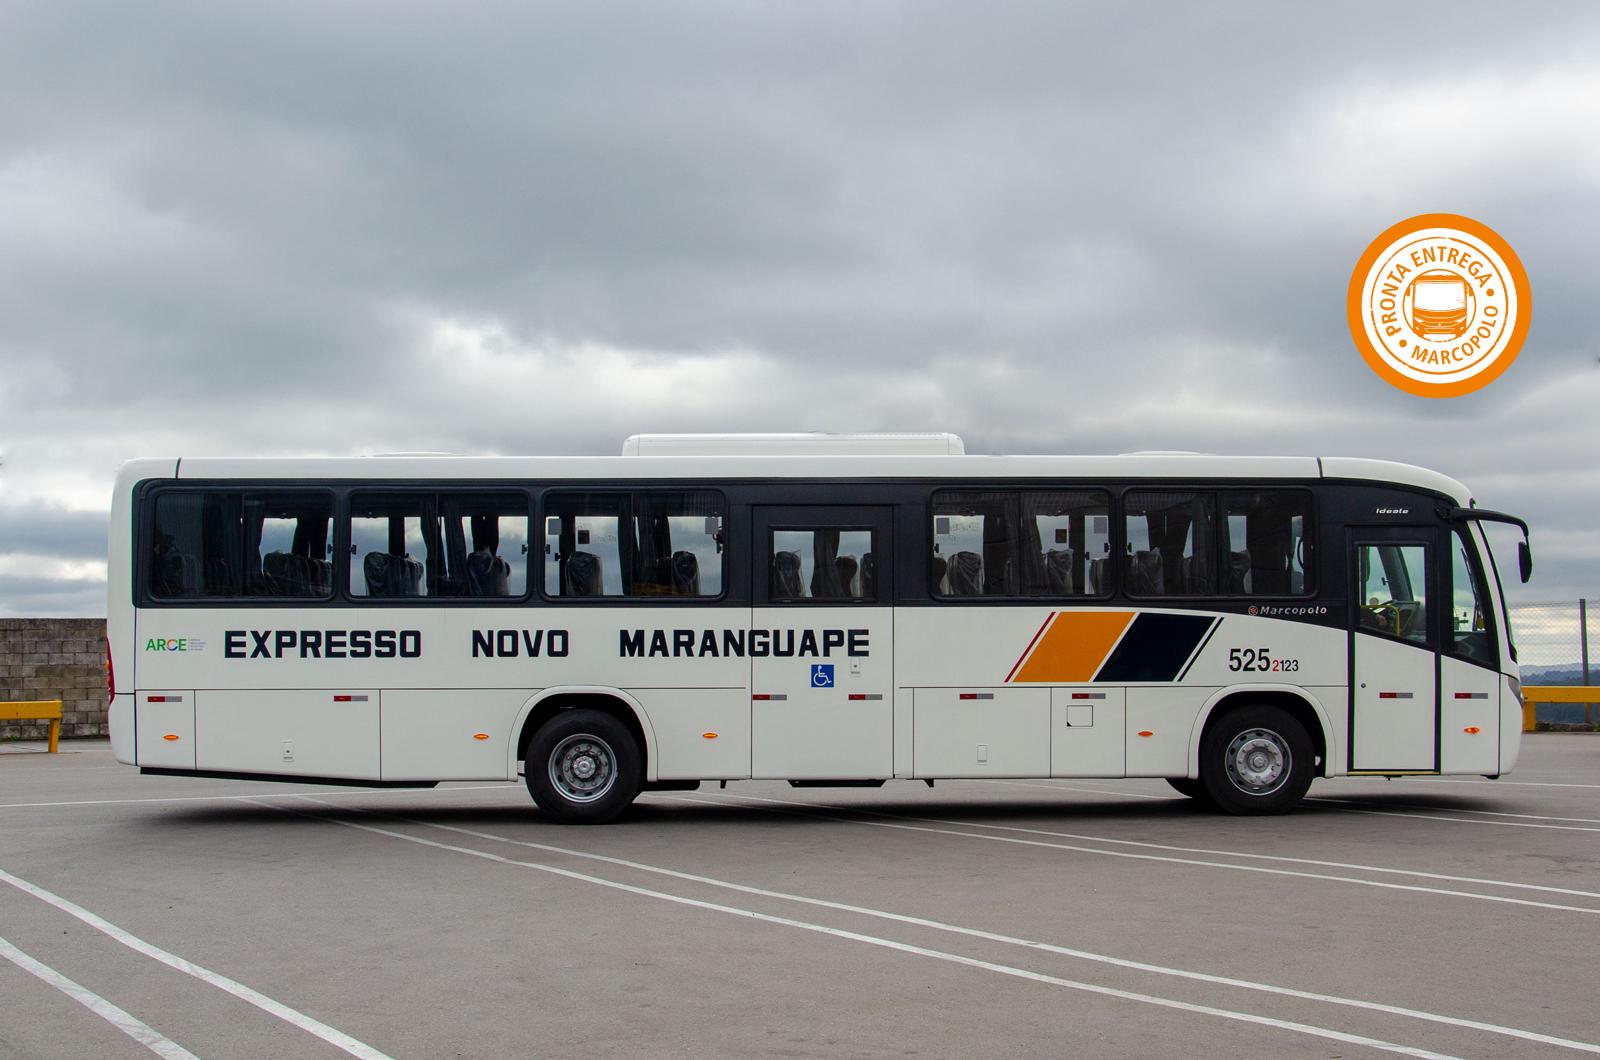 Expresso-Novo-Maranguape-(7)